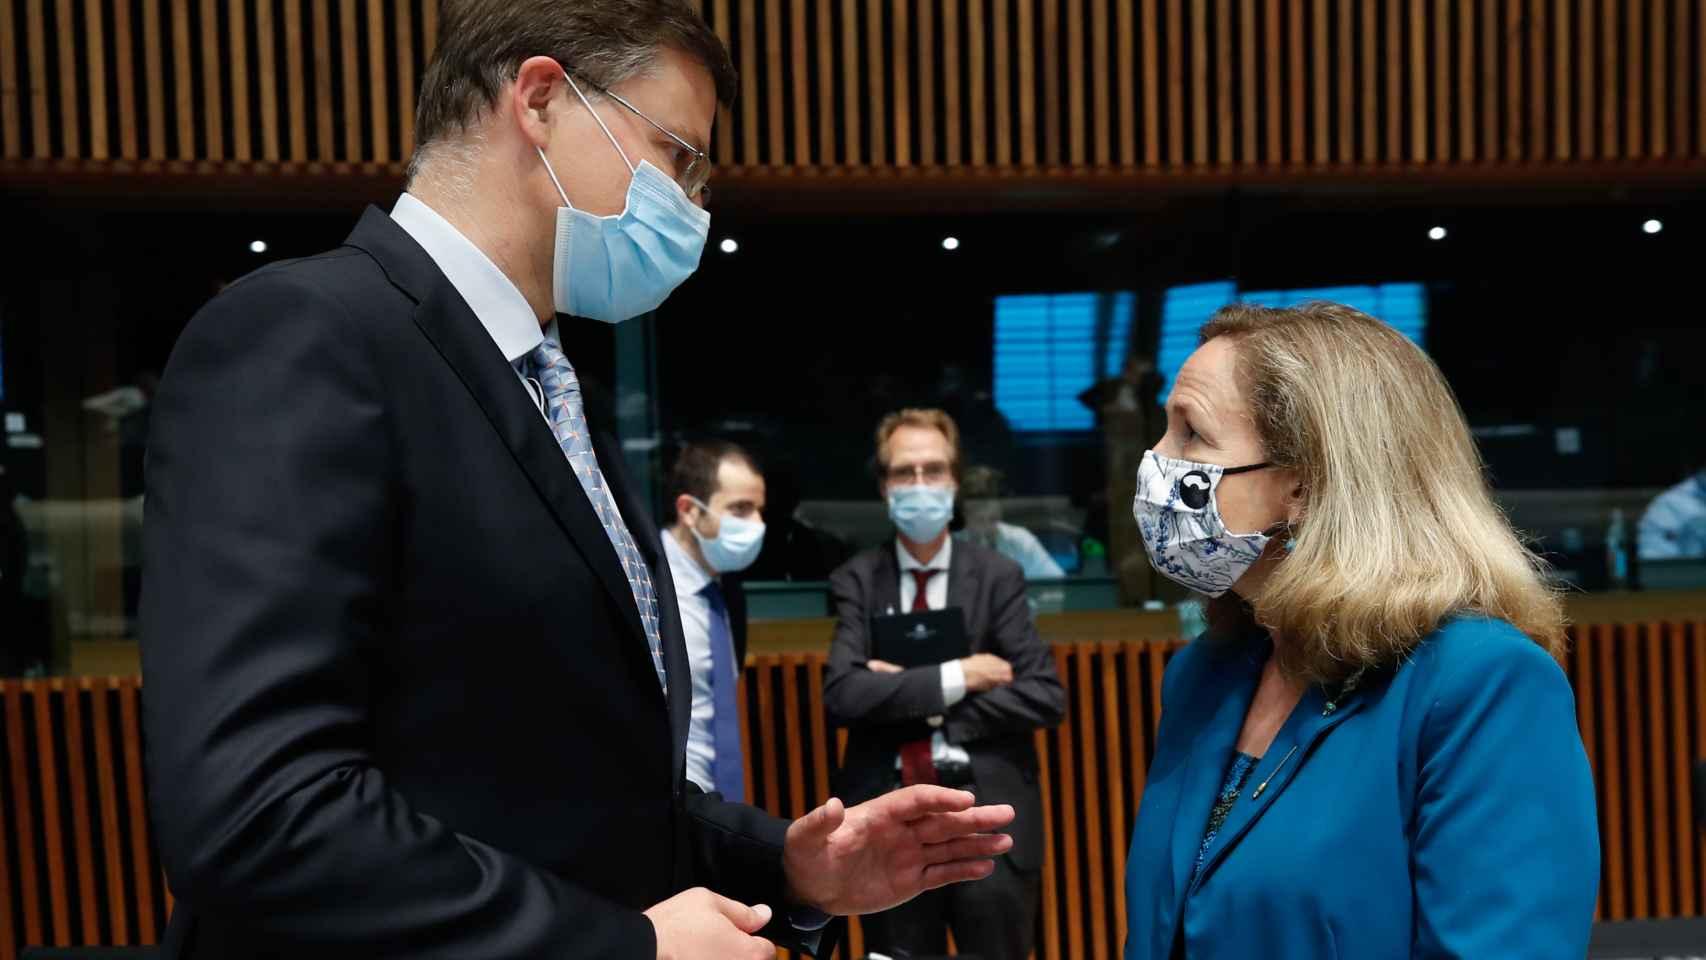 Nadia Calviño conversa con el vicepresidente de la Comisión, Valdis Dombrovskis, durante el Eurogrupo de este jueves